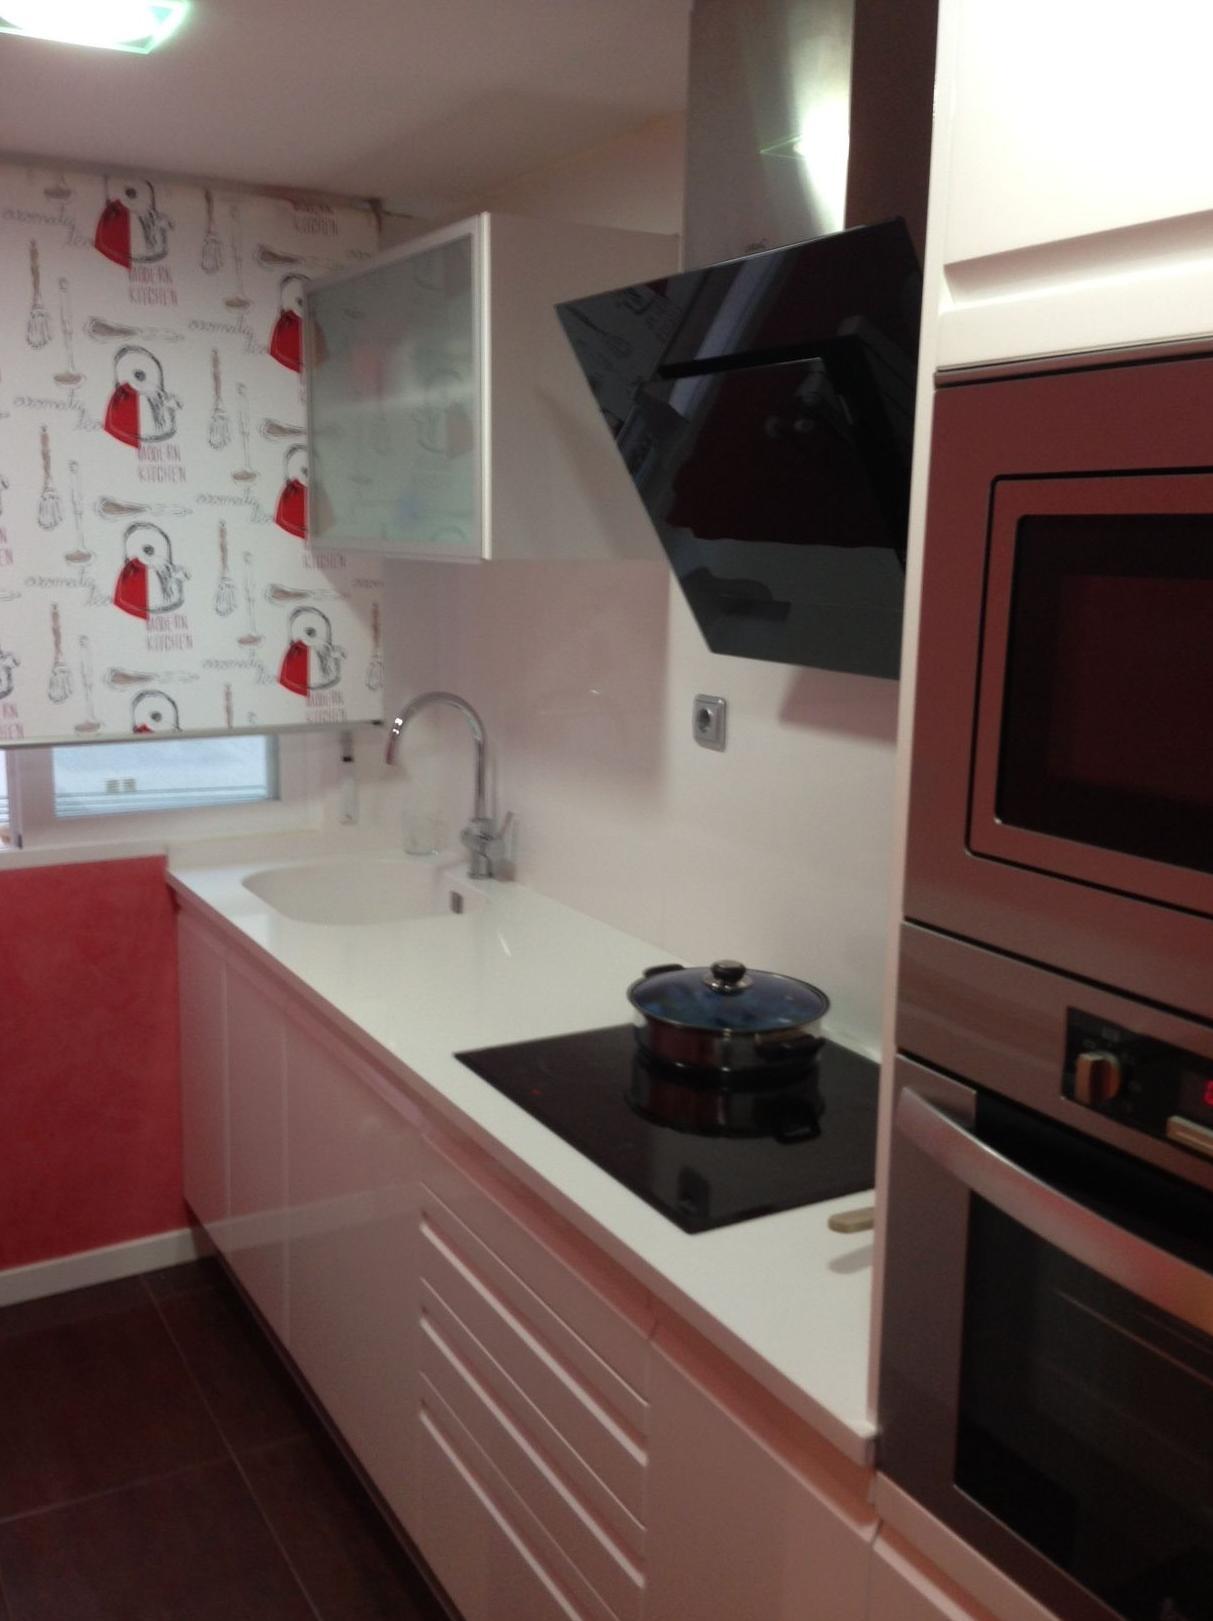 Foto 31 de Muebles de baño y cocina en Zaragoza | Decocina